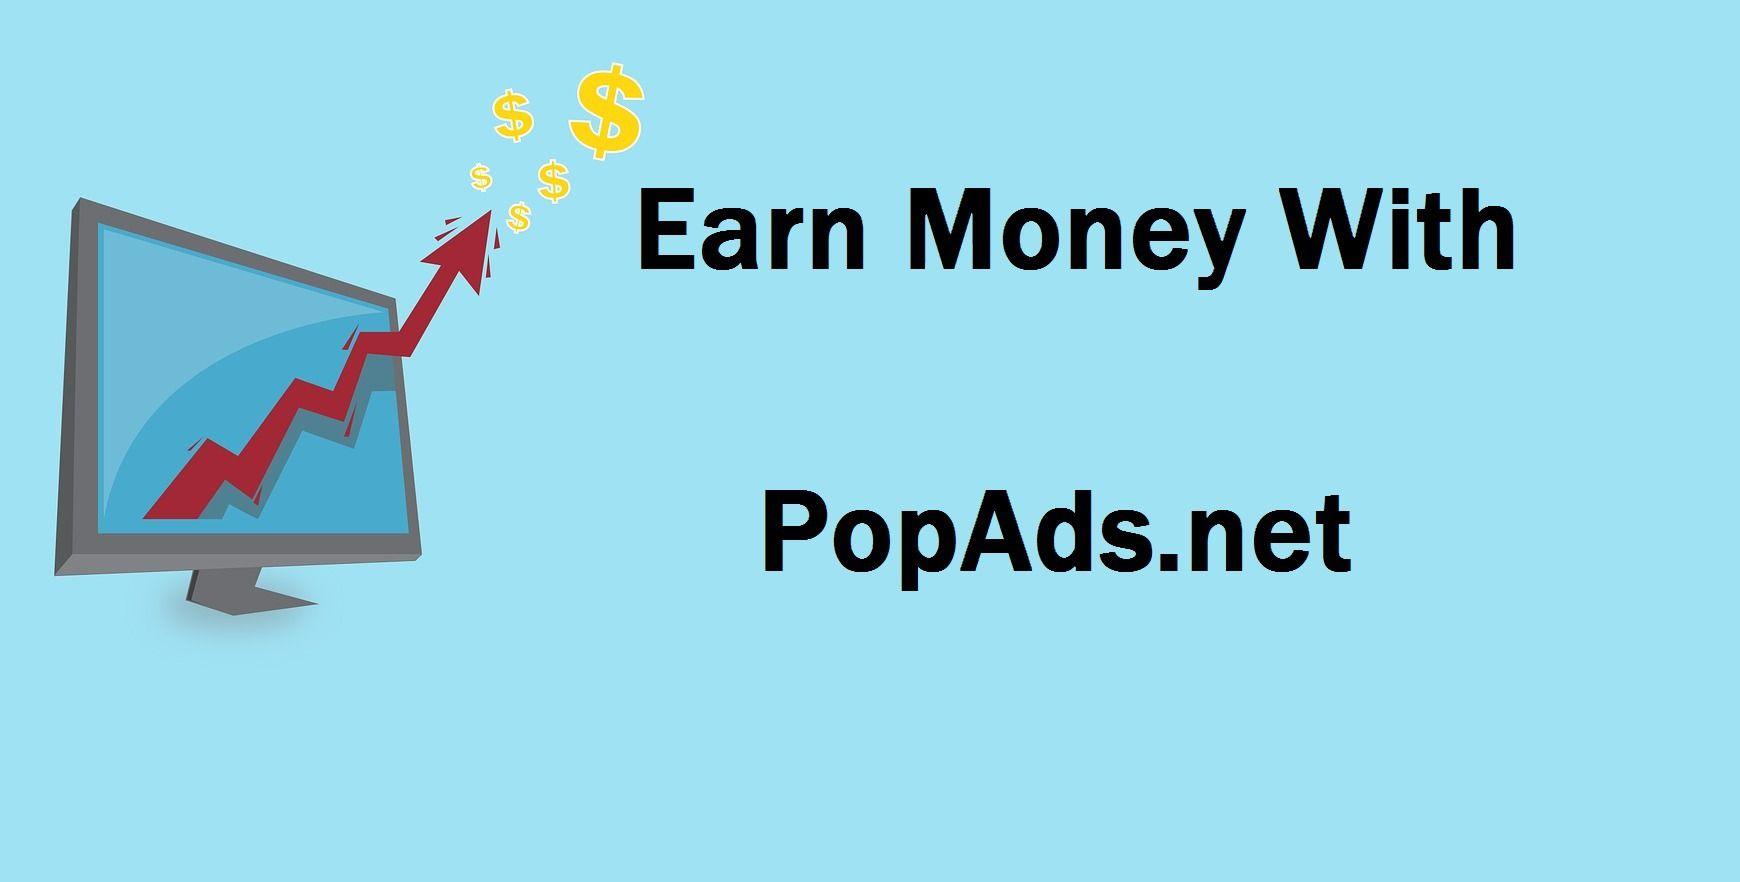 PopAds.net Earn High Revenue Per 1000 Views